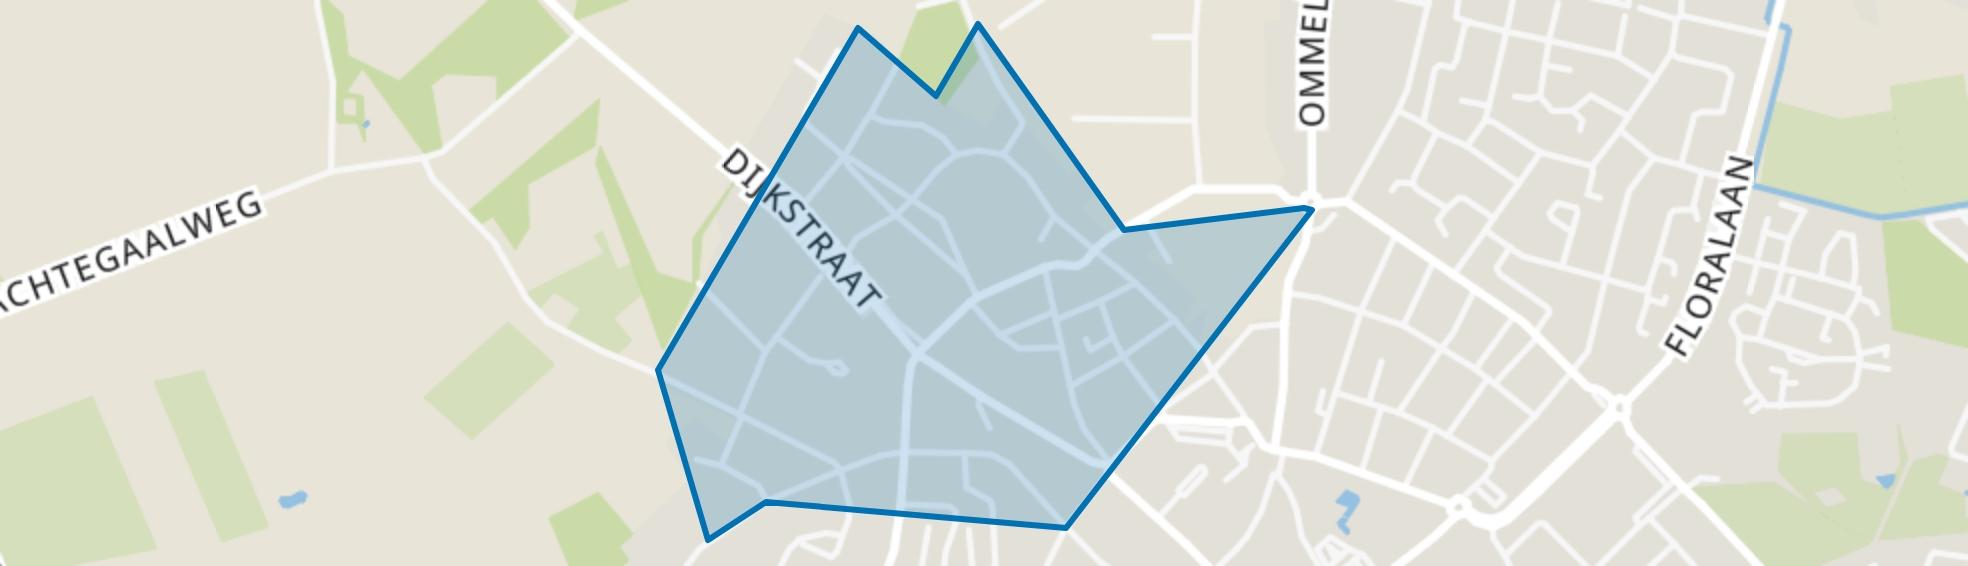 Centrum west, Asten map